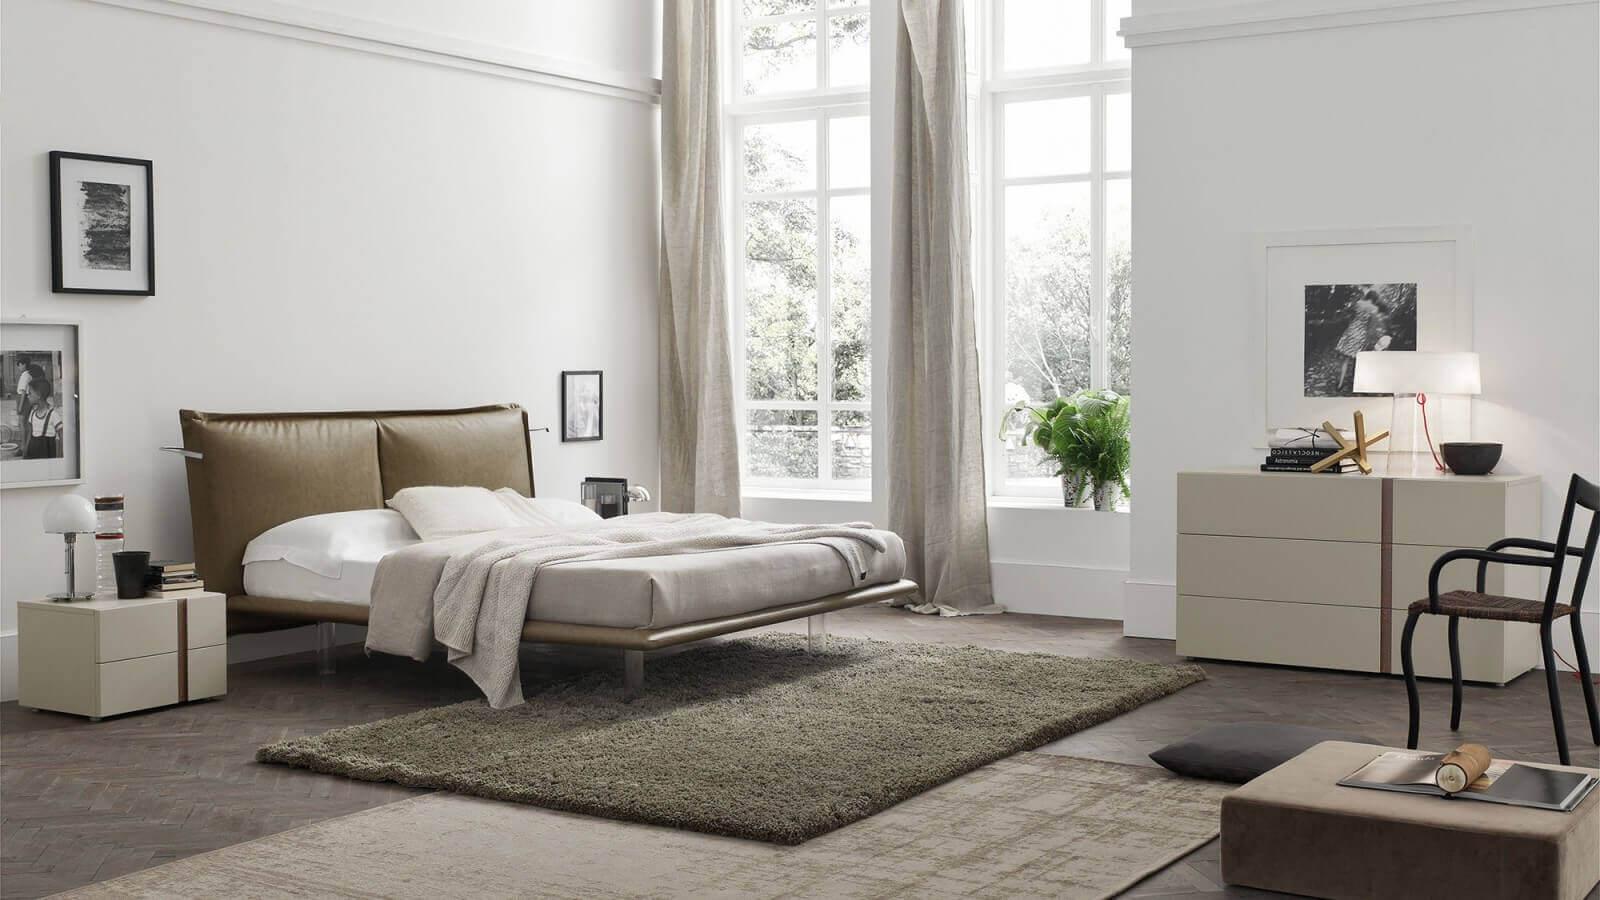 camera da letto arredamento bianco padova